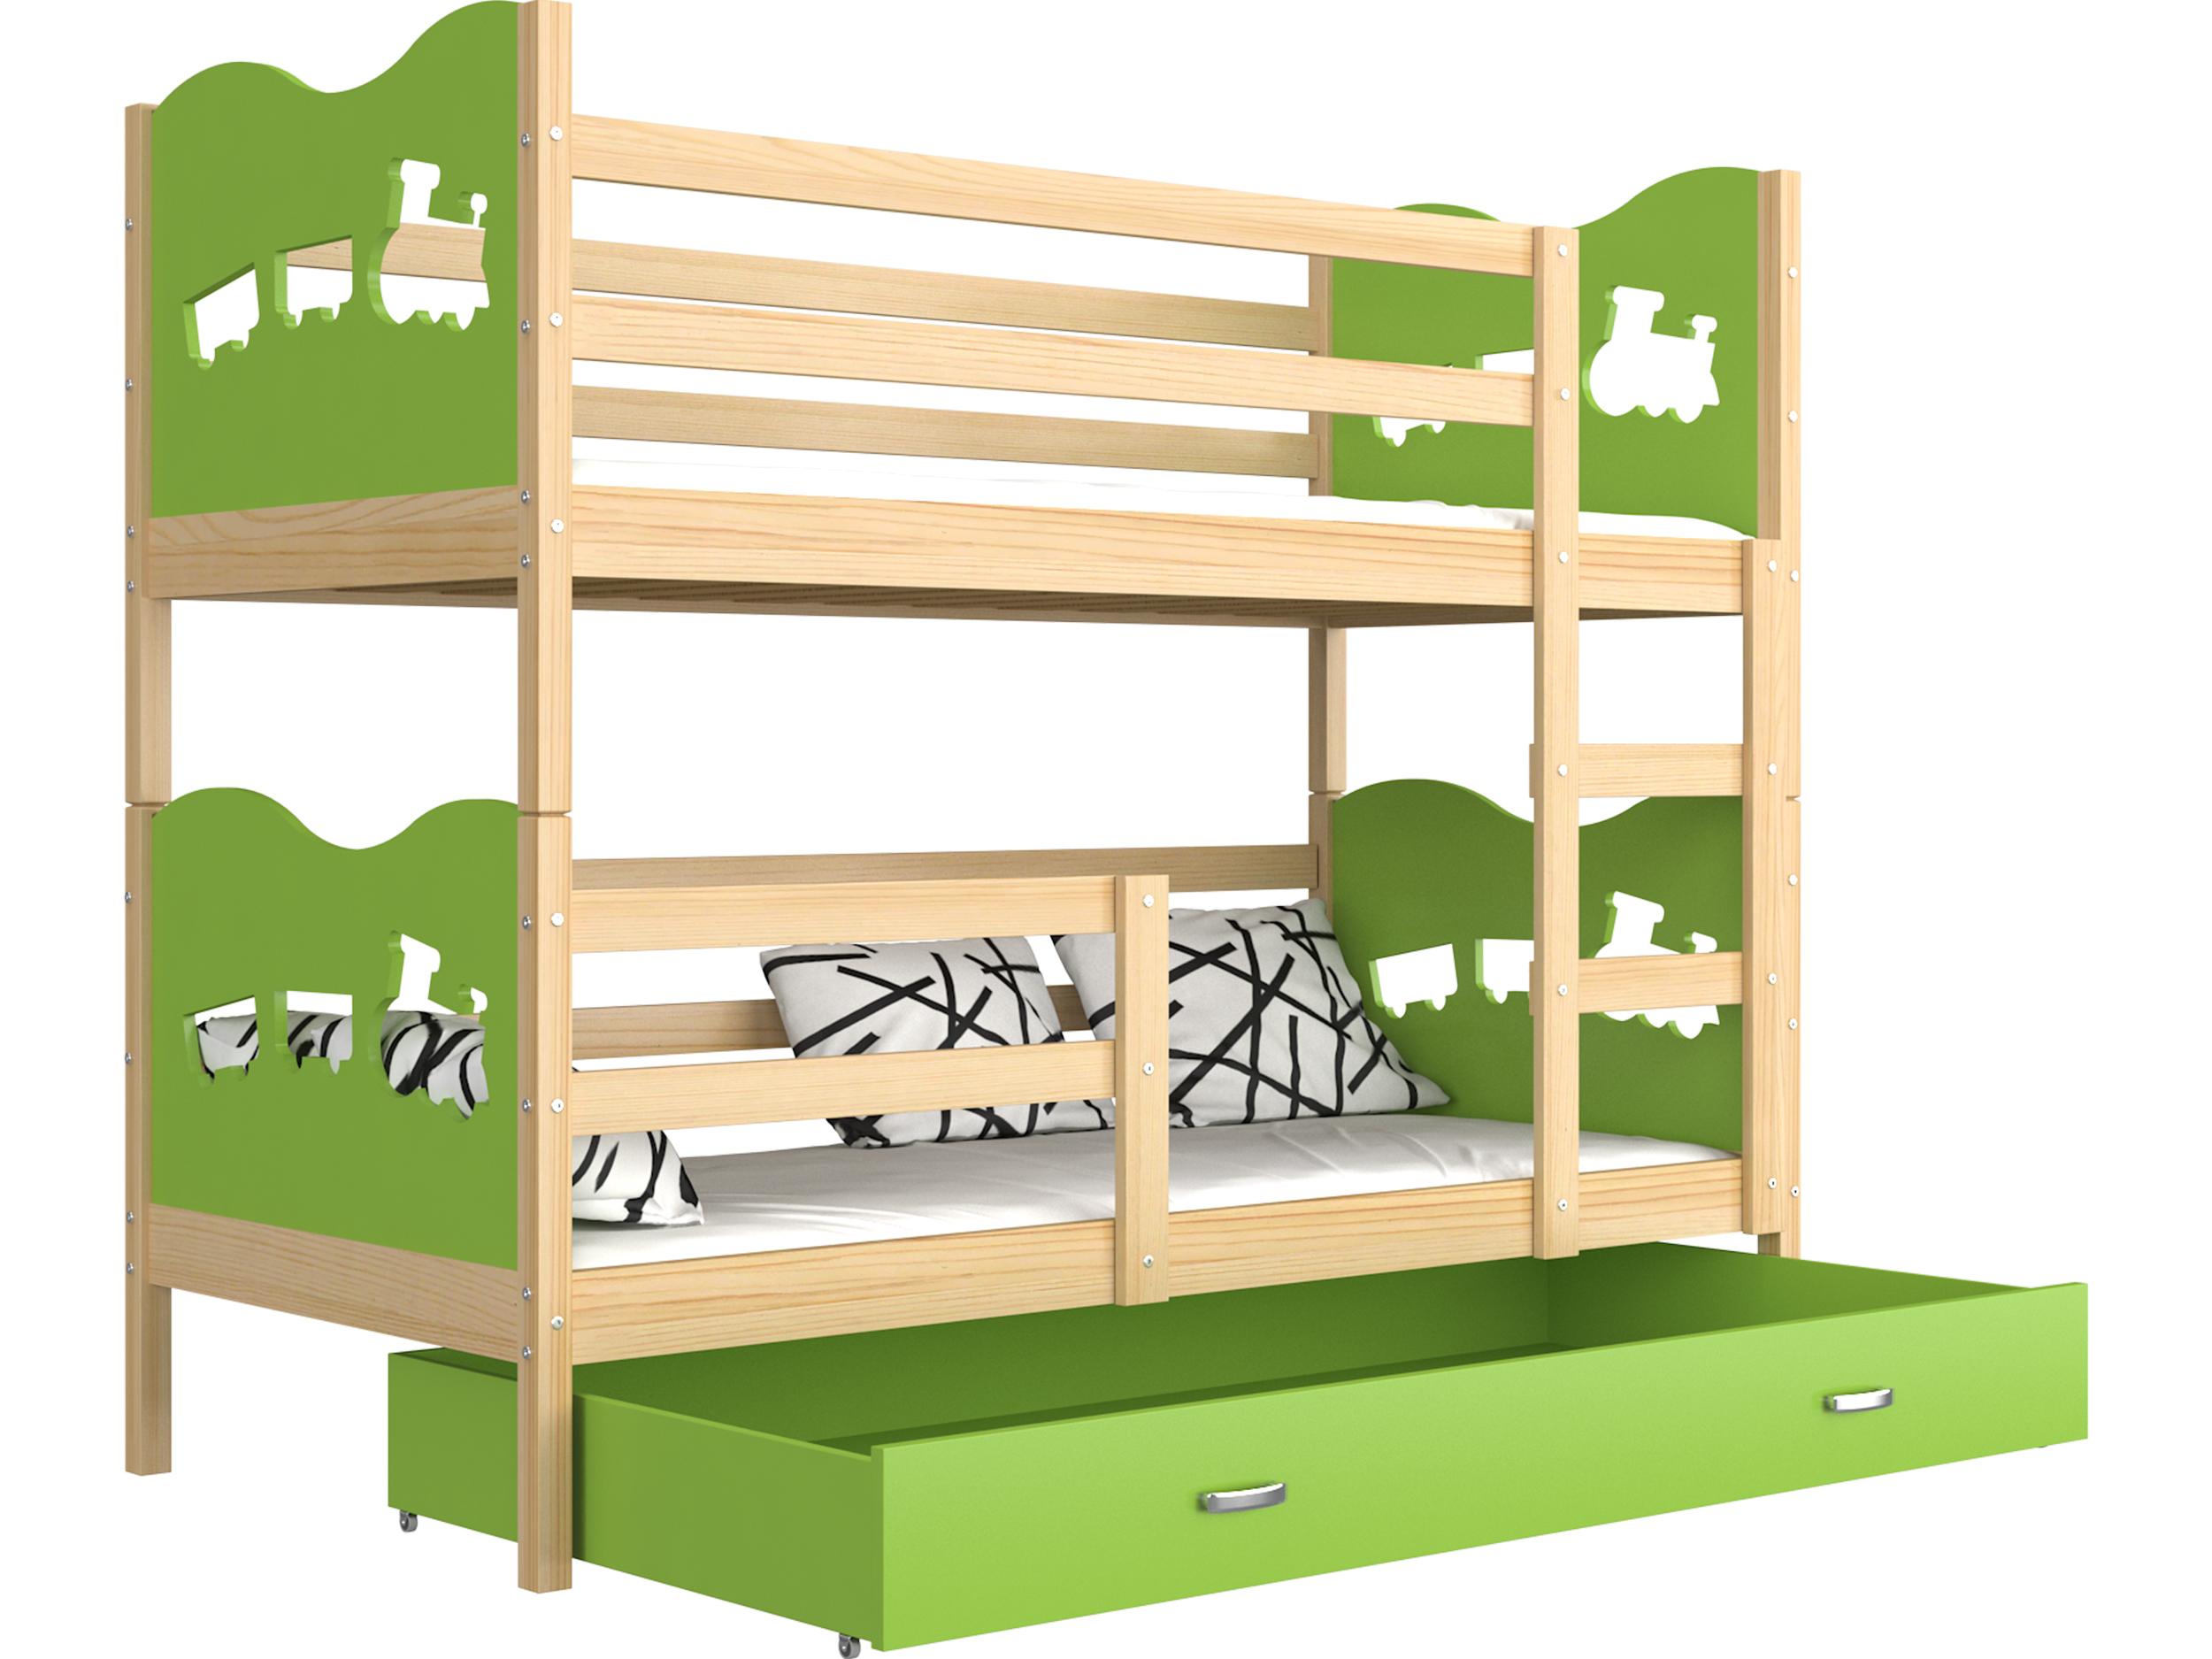 ArtAJ Detská poschodová posteľ MAX drevo / MDF 200 x 90 cm Farba: Borovica / zelená 200 x 90 cm, s matracom